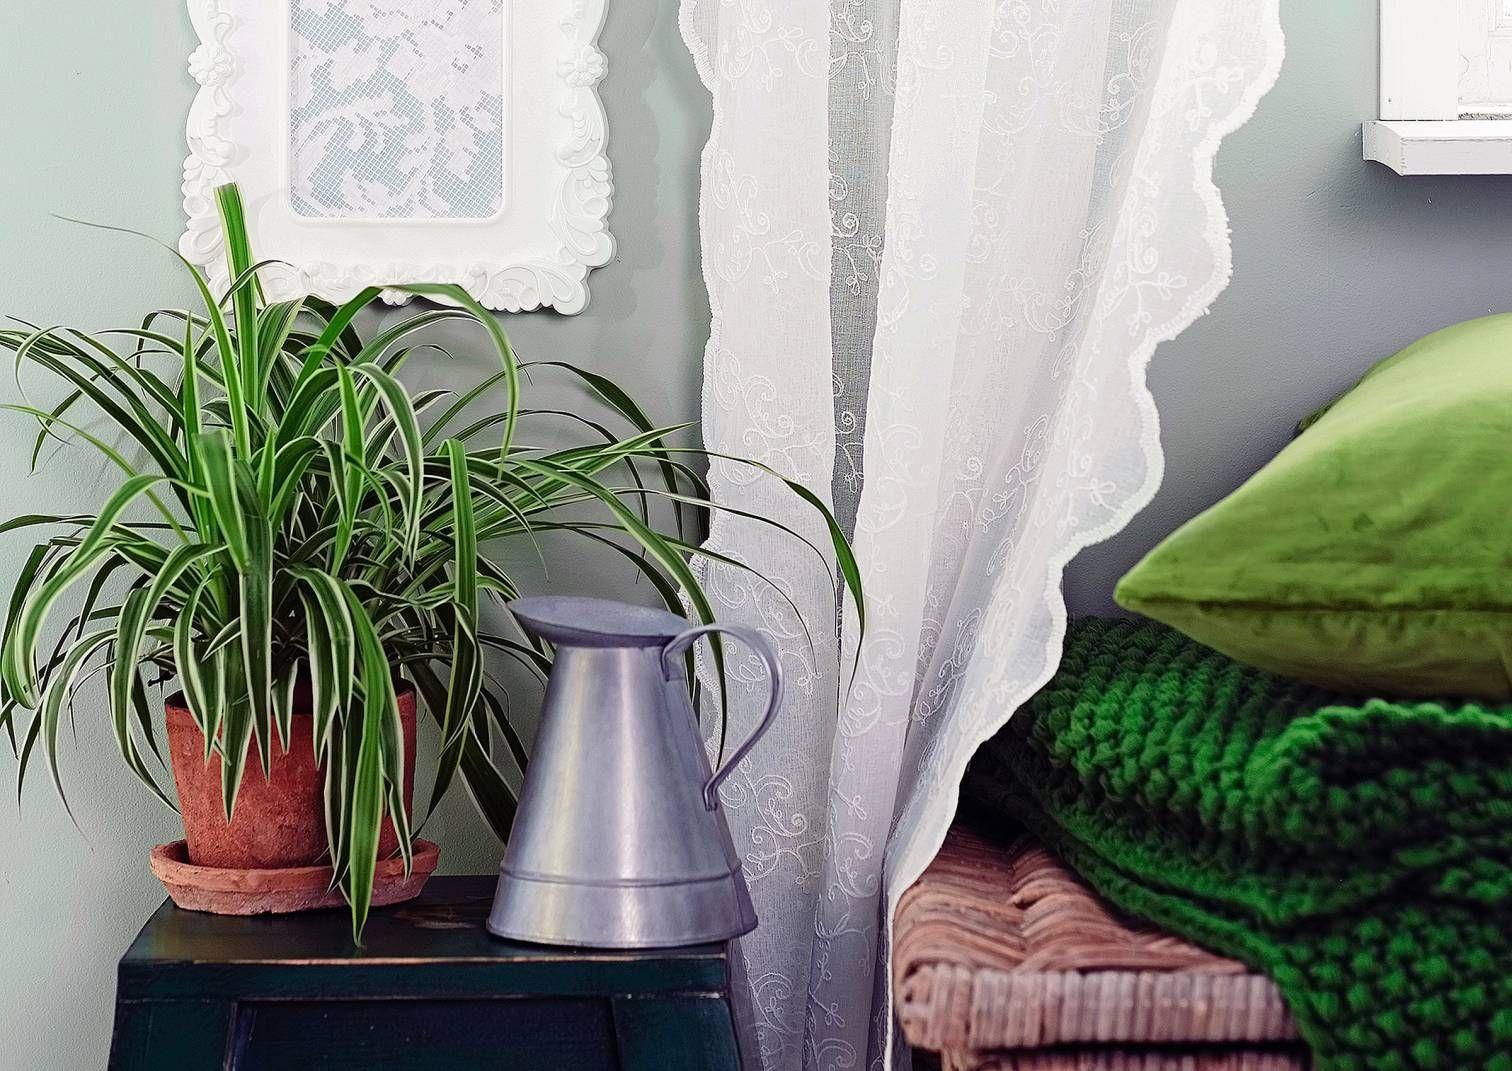 Viherkasvit tuovat sisustukseen viihtyisyyttä ja kerroksellisuutta. Lue Viherpihan juttu!